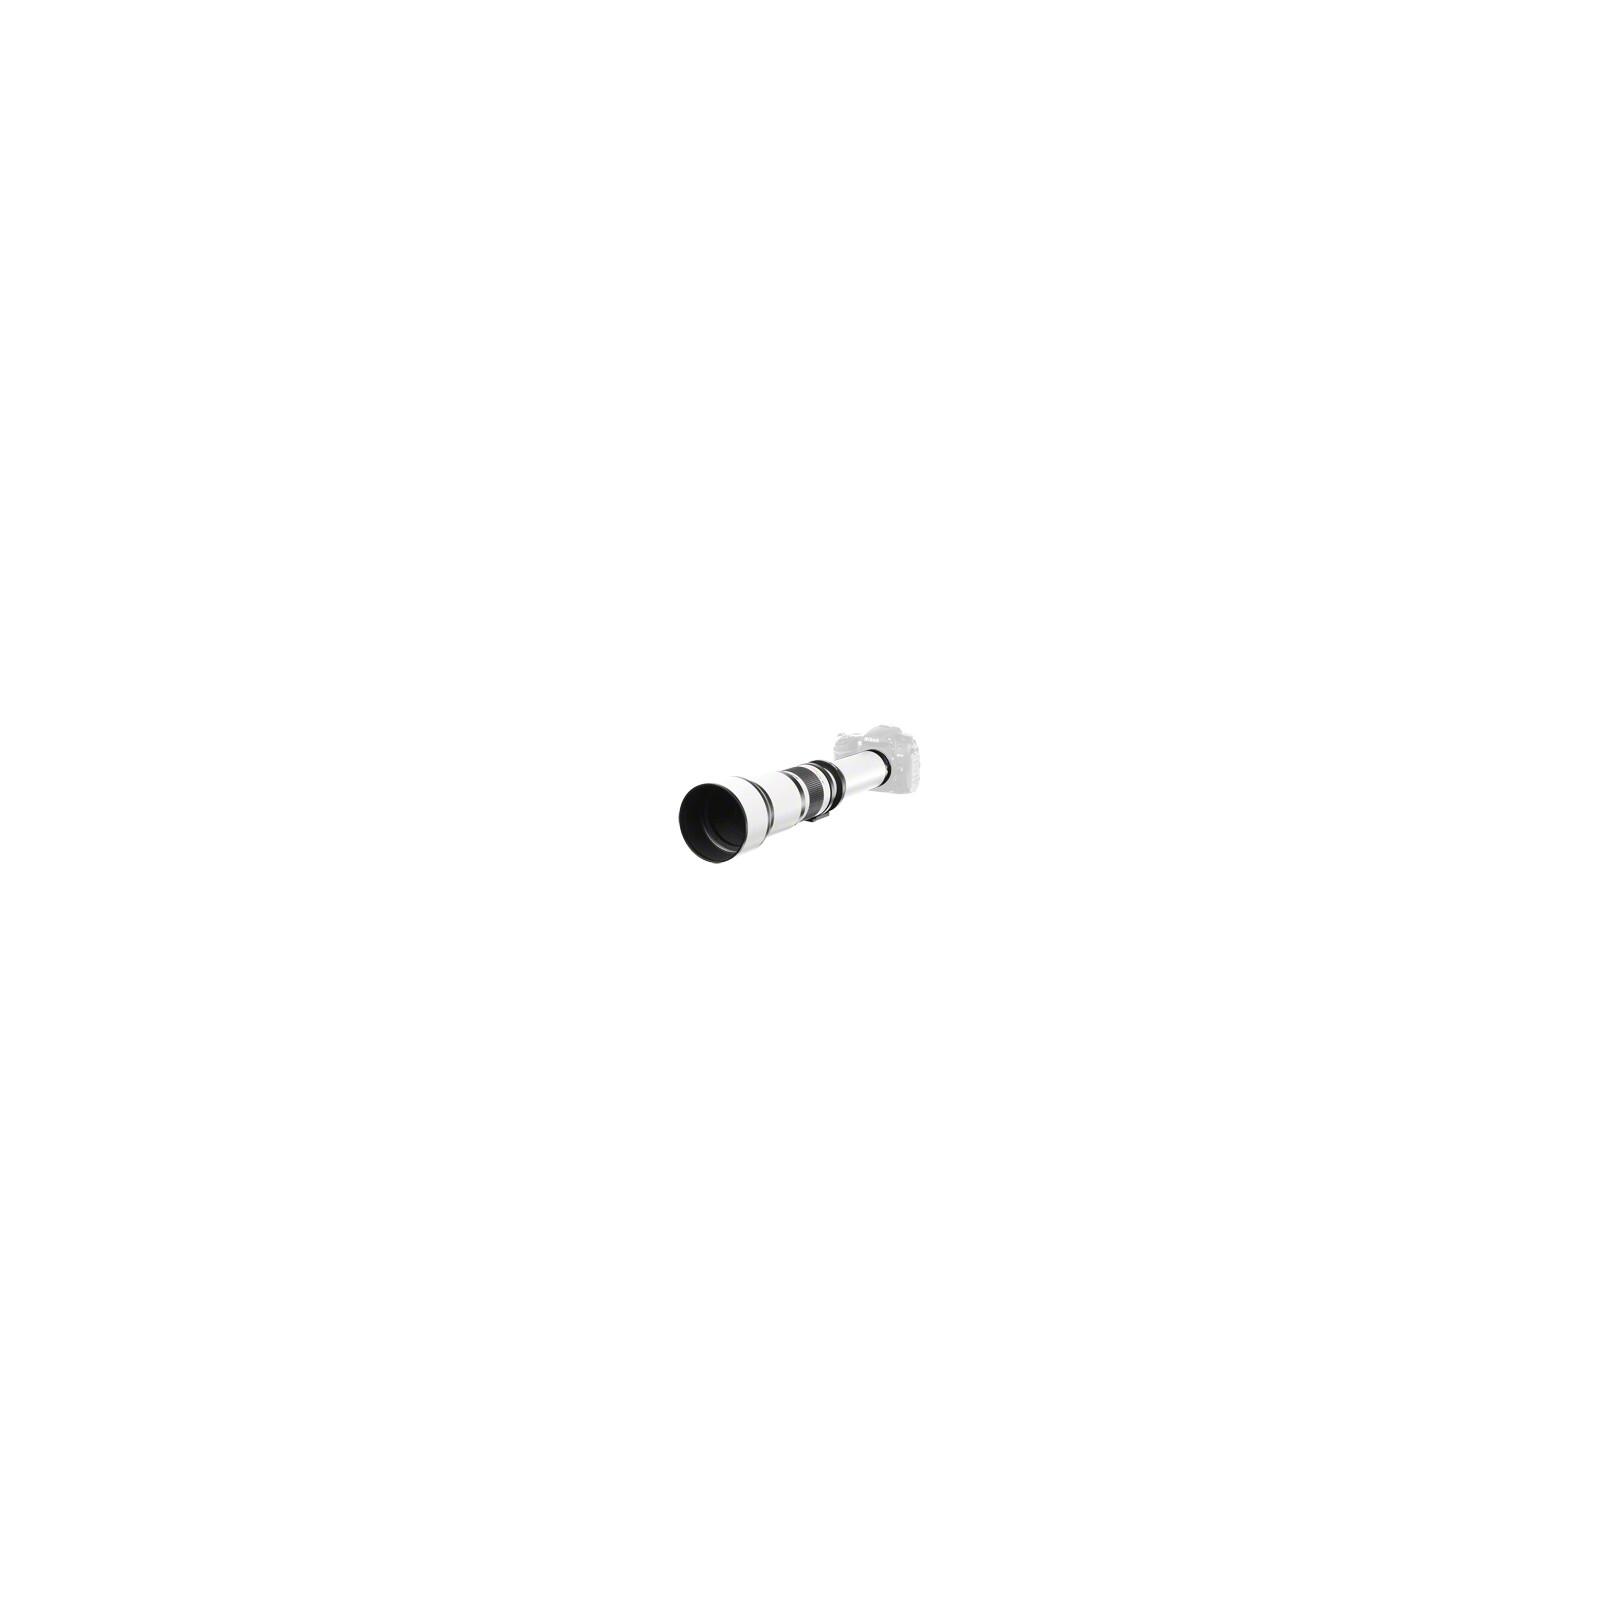 walimex pro 15868 650-130/8-16 Nikon + UV Filter